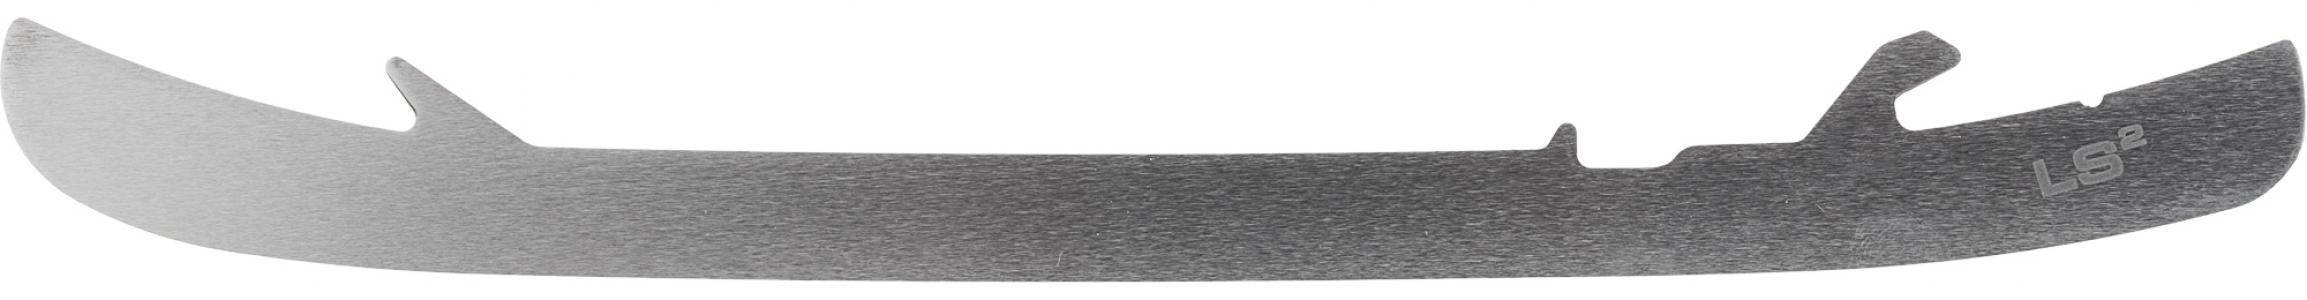 Лезвия для хоккейных коньков TUUK Lightspeed Bauer. Цвет: серебристый